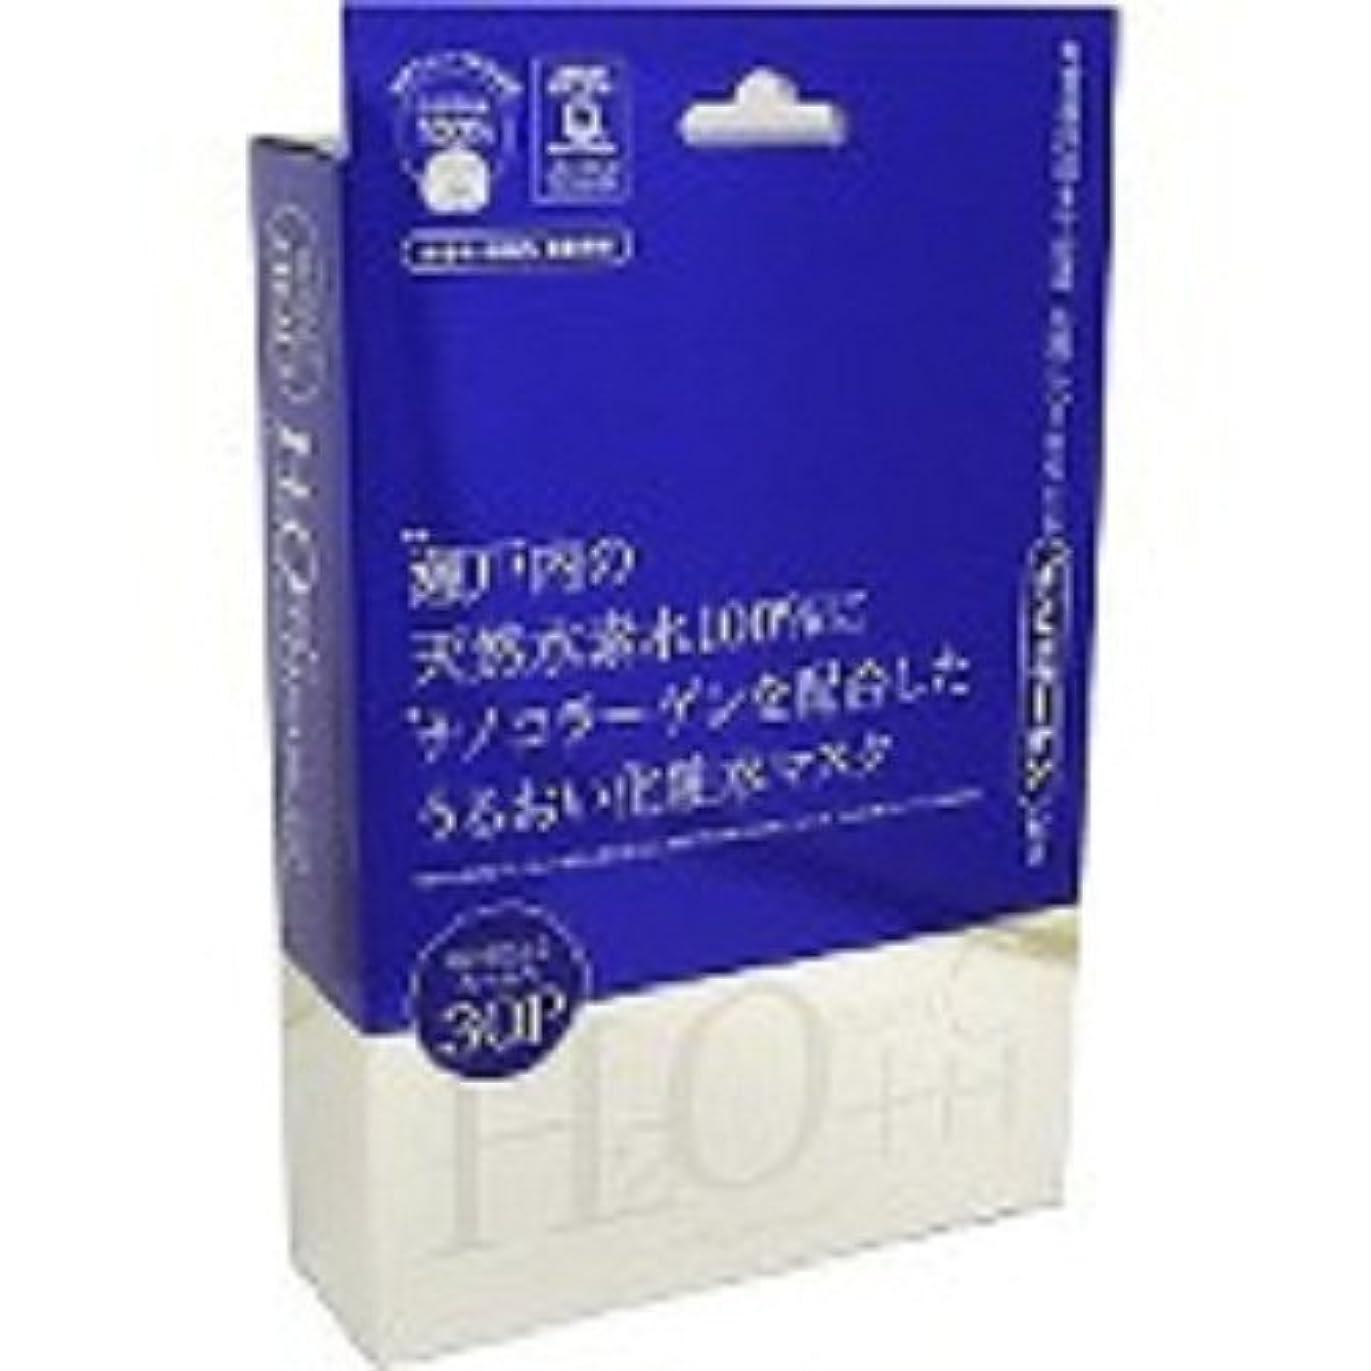 水素遠近法四分円H+nanoCマスク 30枚入り